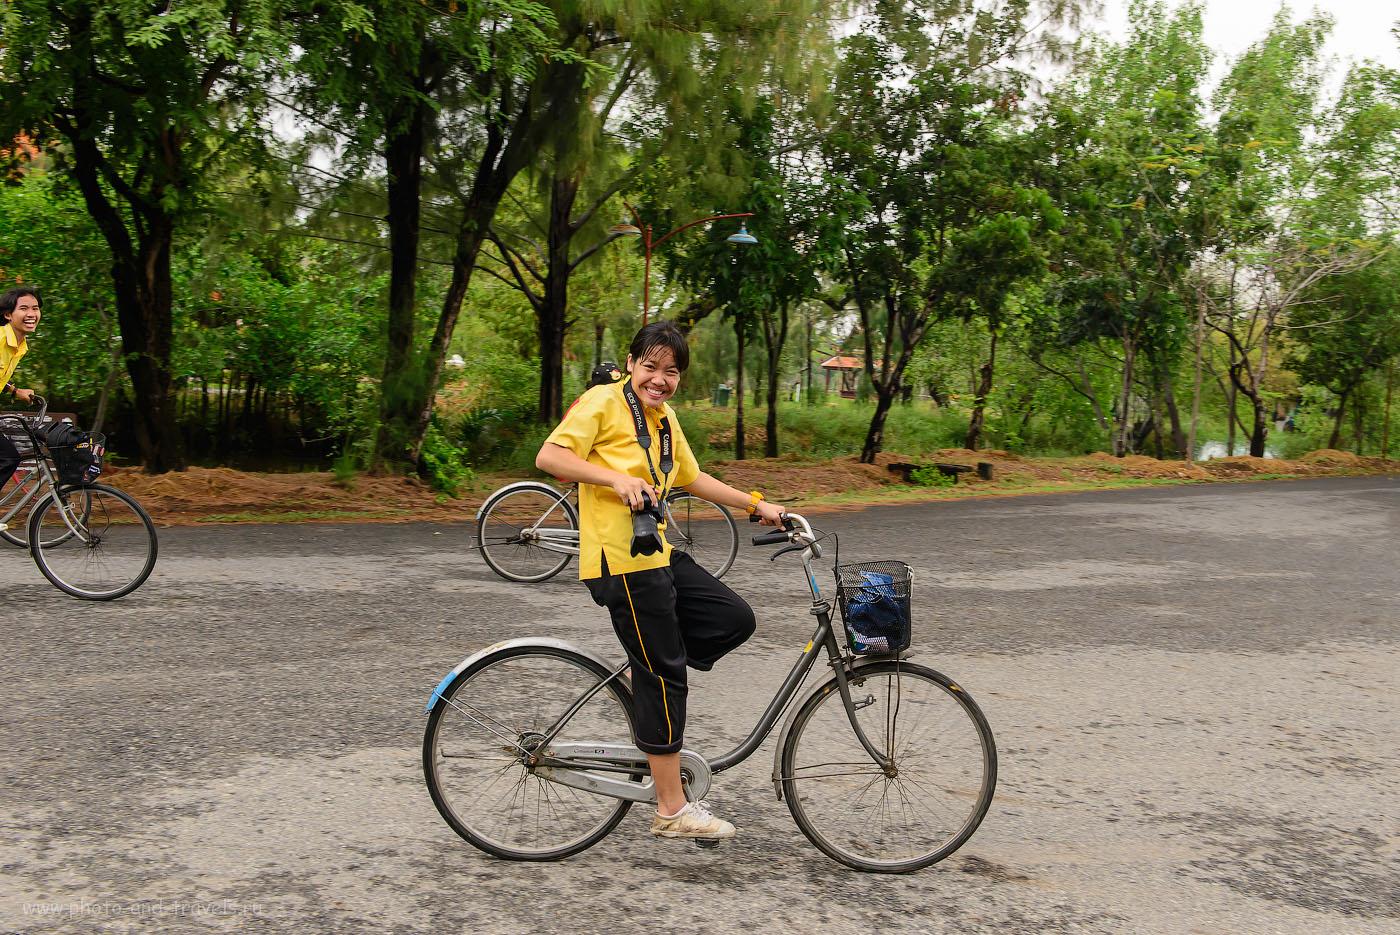 Фото 11. Поход по достопримечательностям Бангкока. Парк Ancient Siam. Заметили, ни одного владельца Никон в Таиланде нет? ;) (1000, 35, 10.0, 1/160)